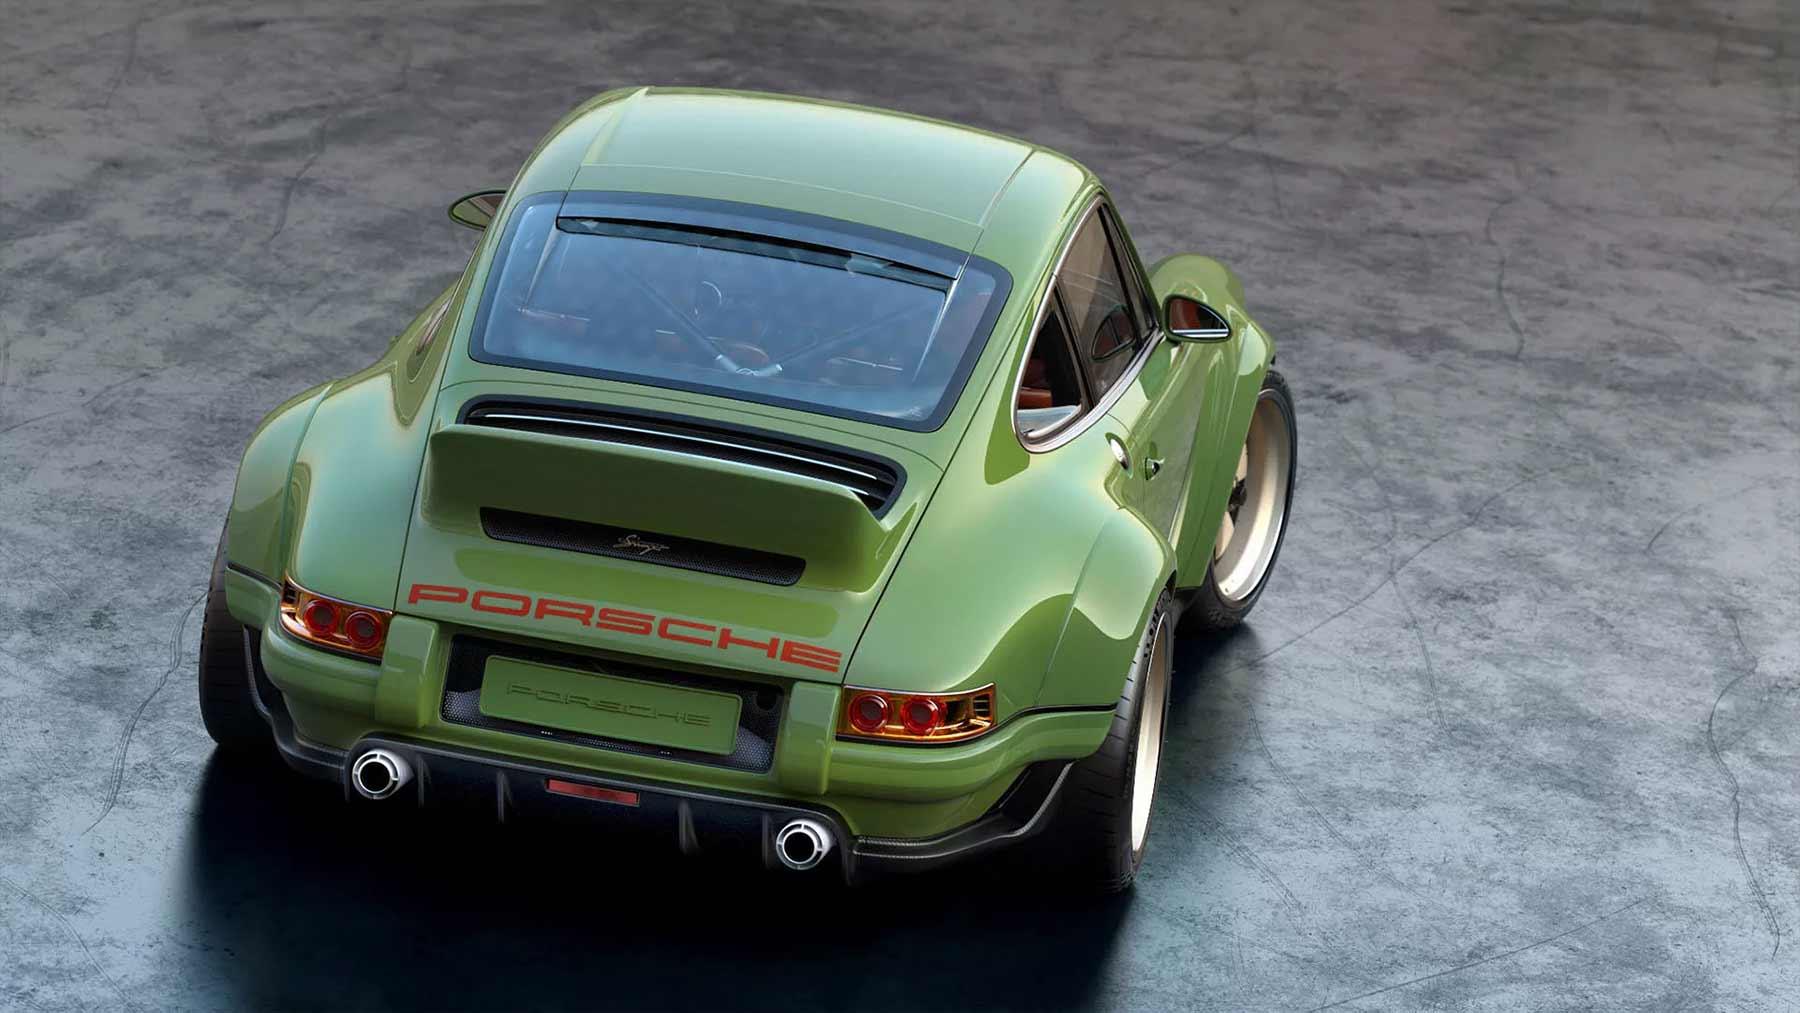 Singer Porsche 964 DLS Singer-Porsche-964-DLS_02